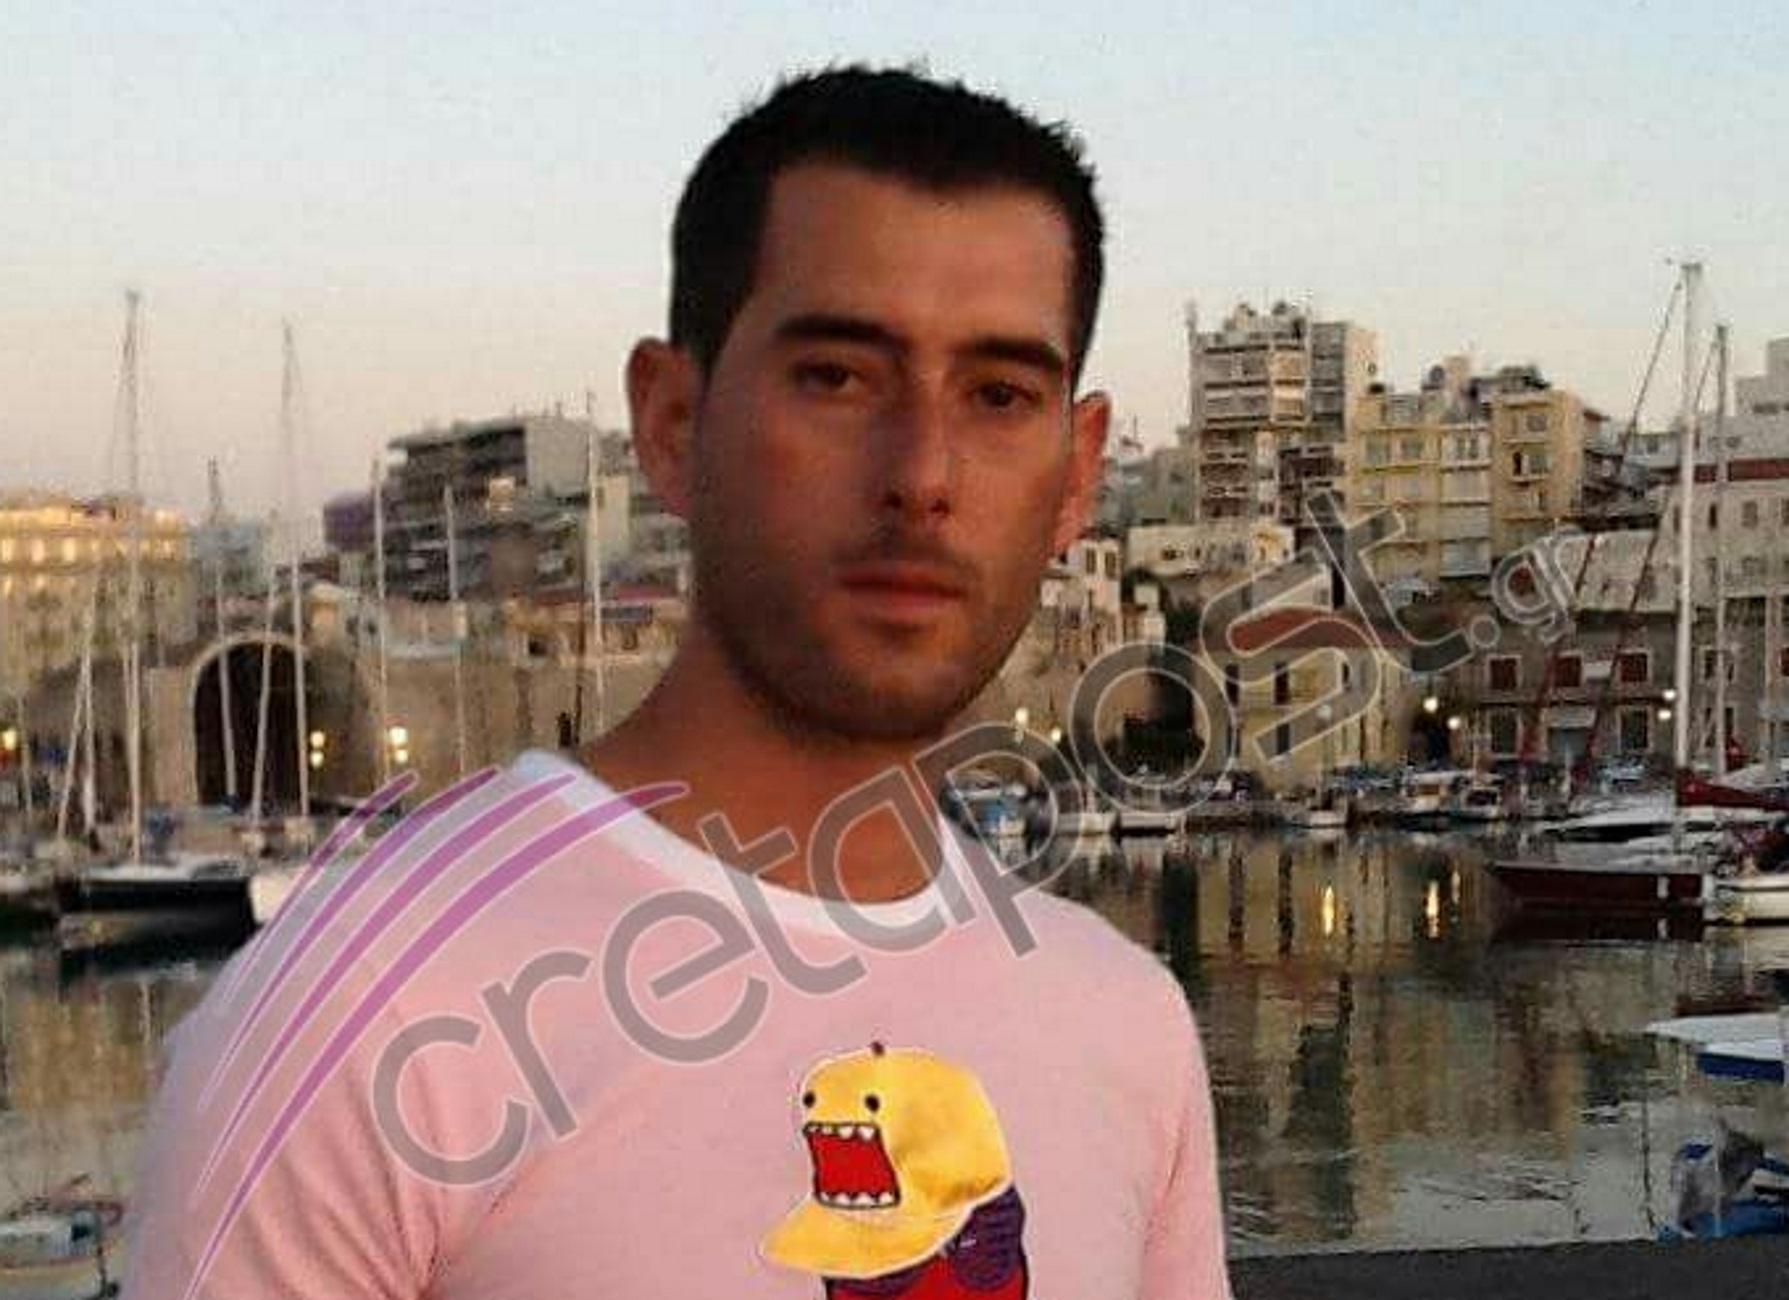 Ηράκλειο: Τον σκότωσε για μία παρατήρηση! Του κάρφωσε ένα κουζινομάχαιρο στην καρδιά